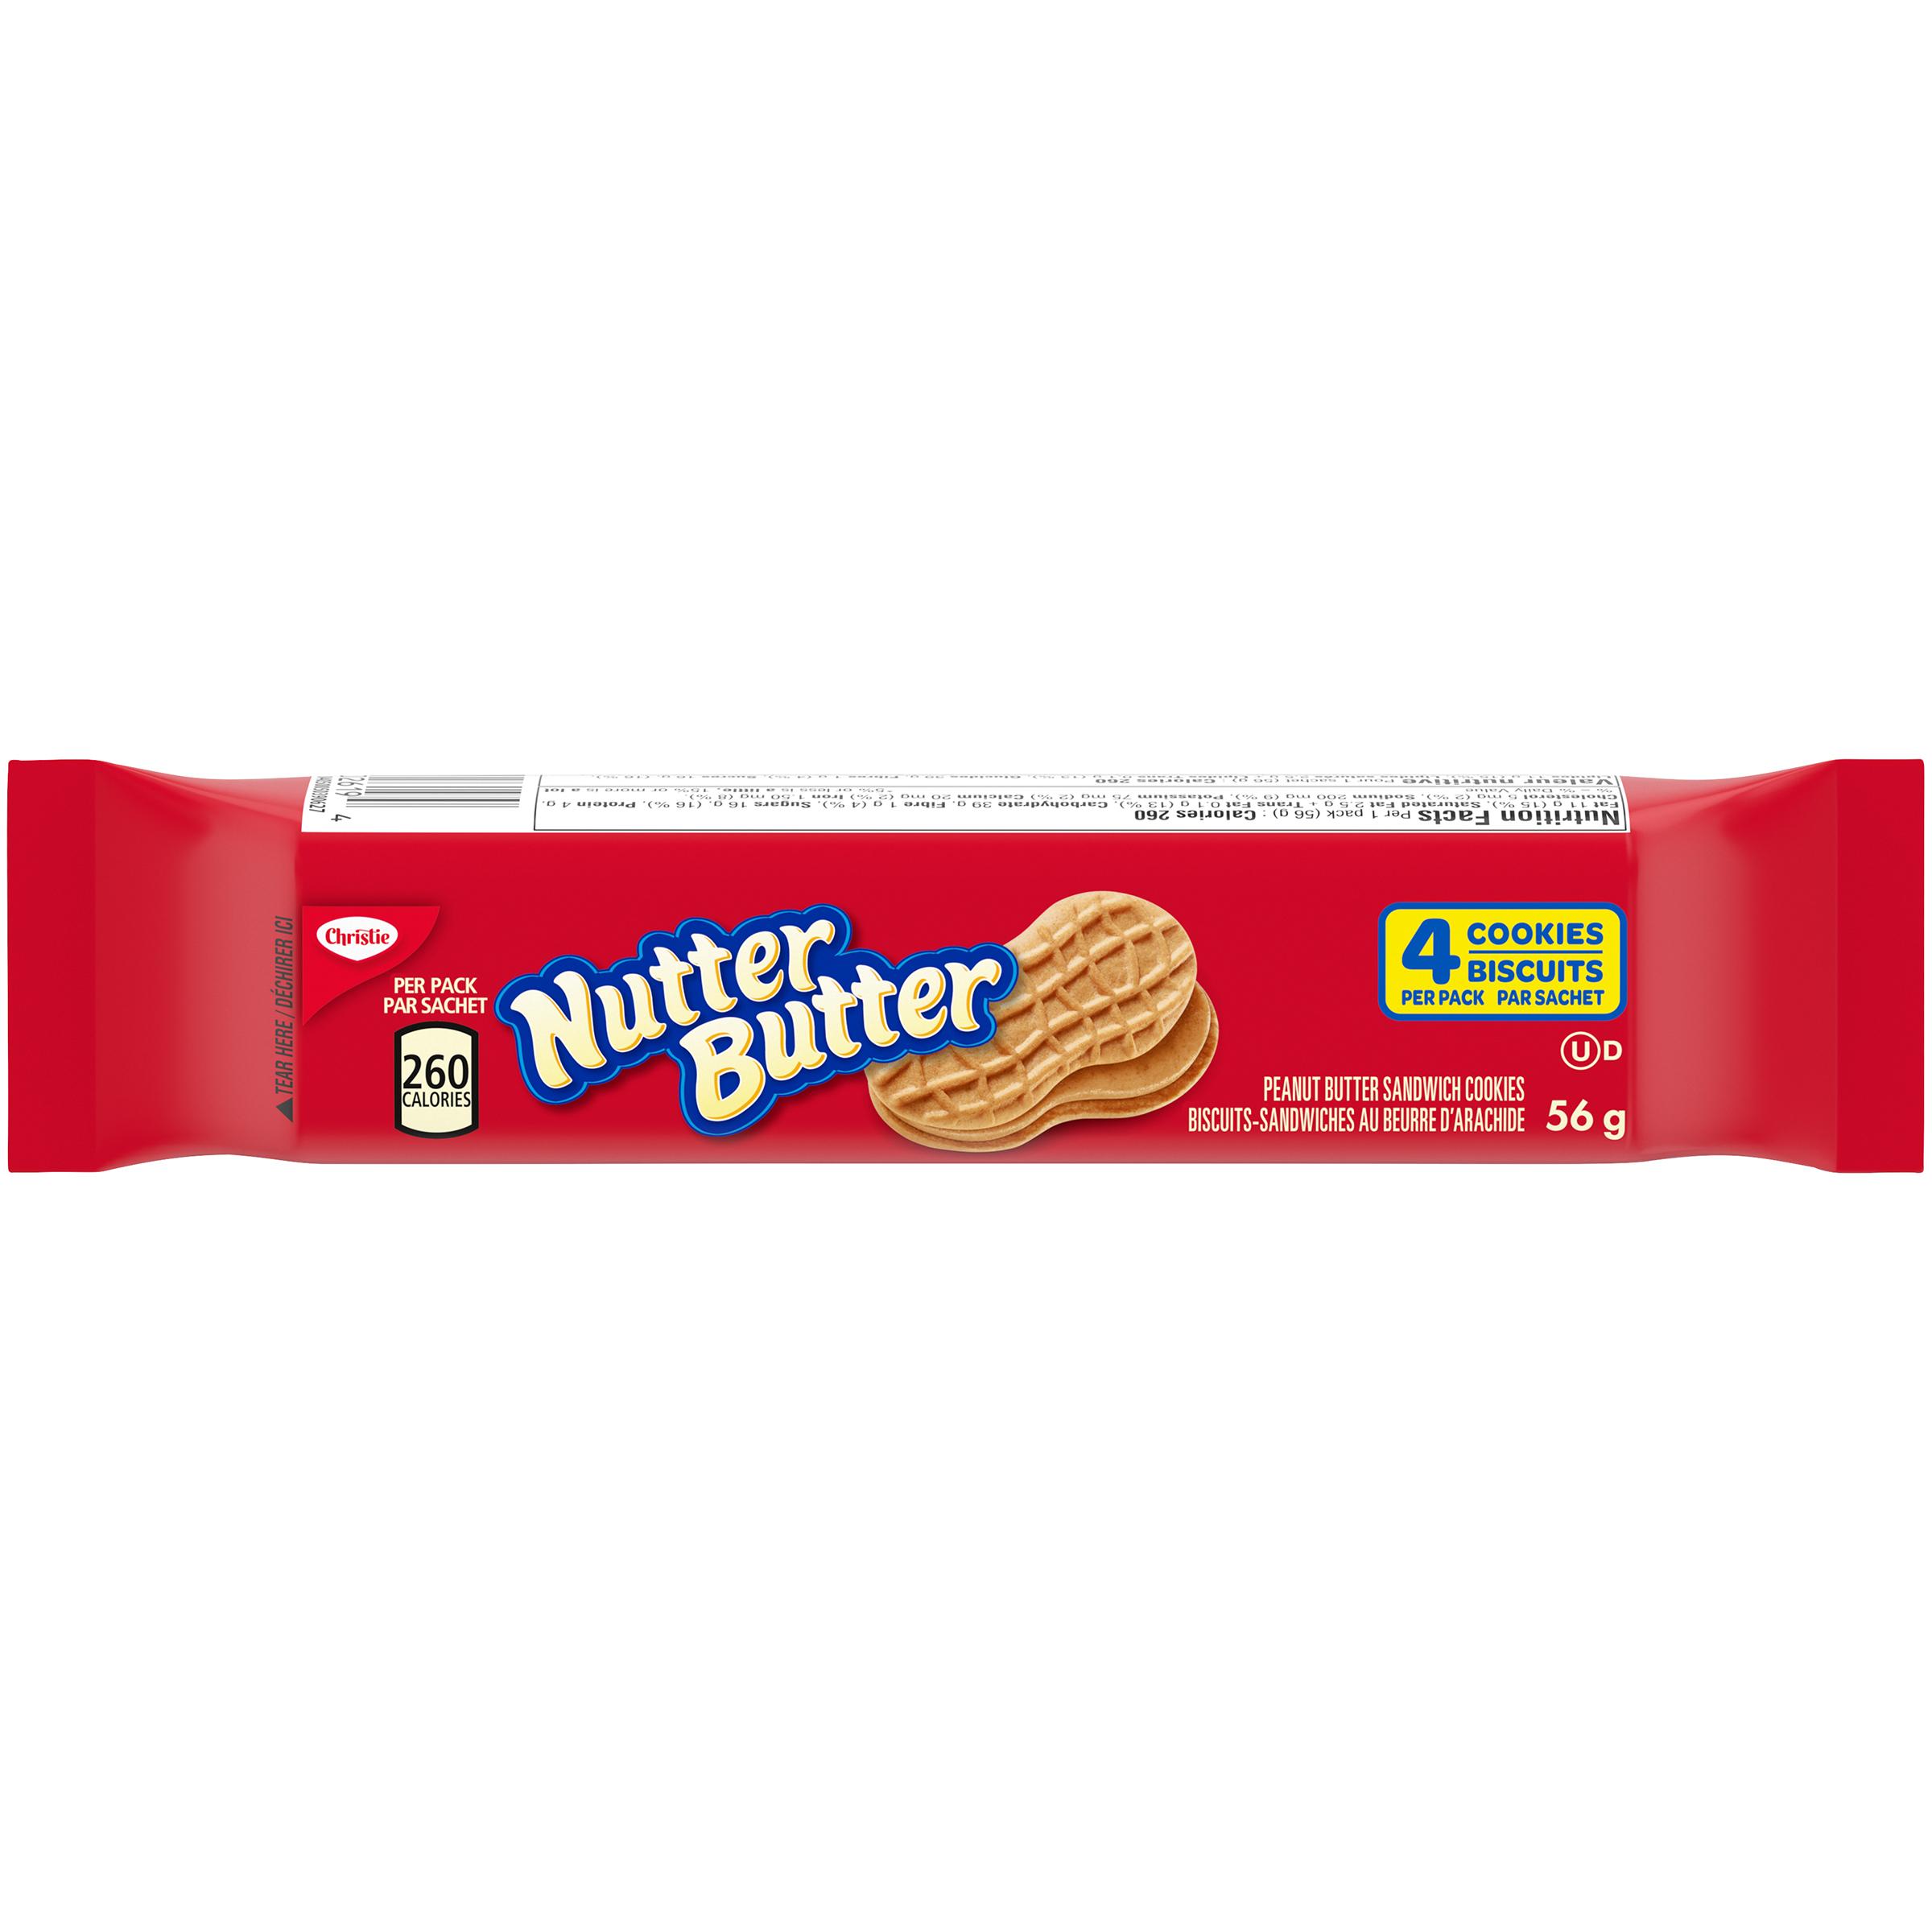 NUTTER BUTTER BEUDARC IND 56G